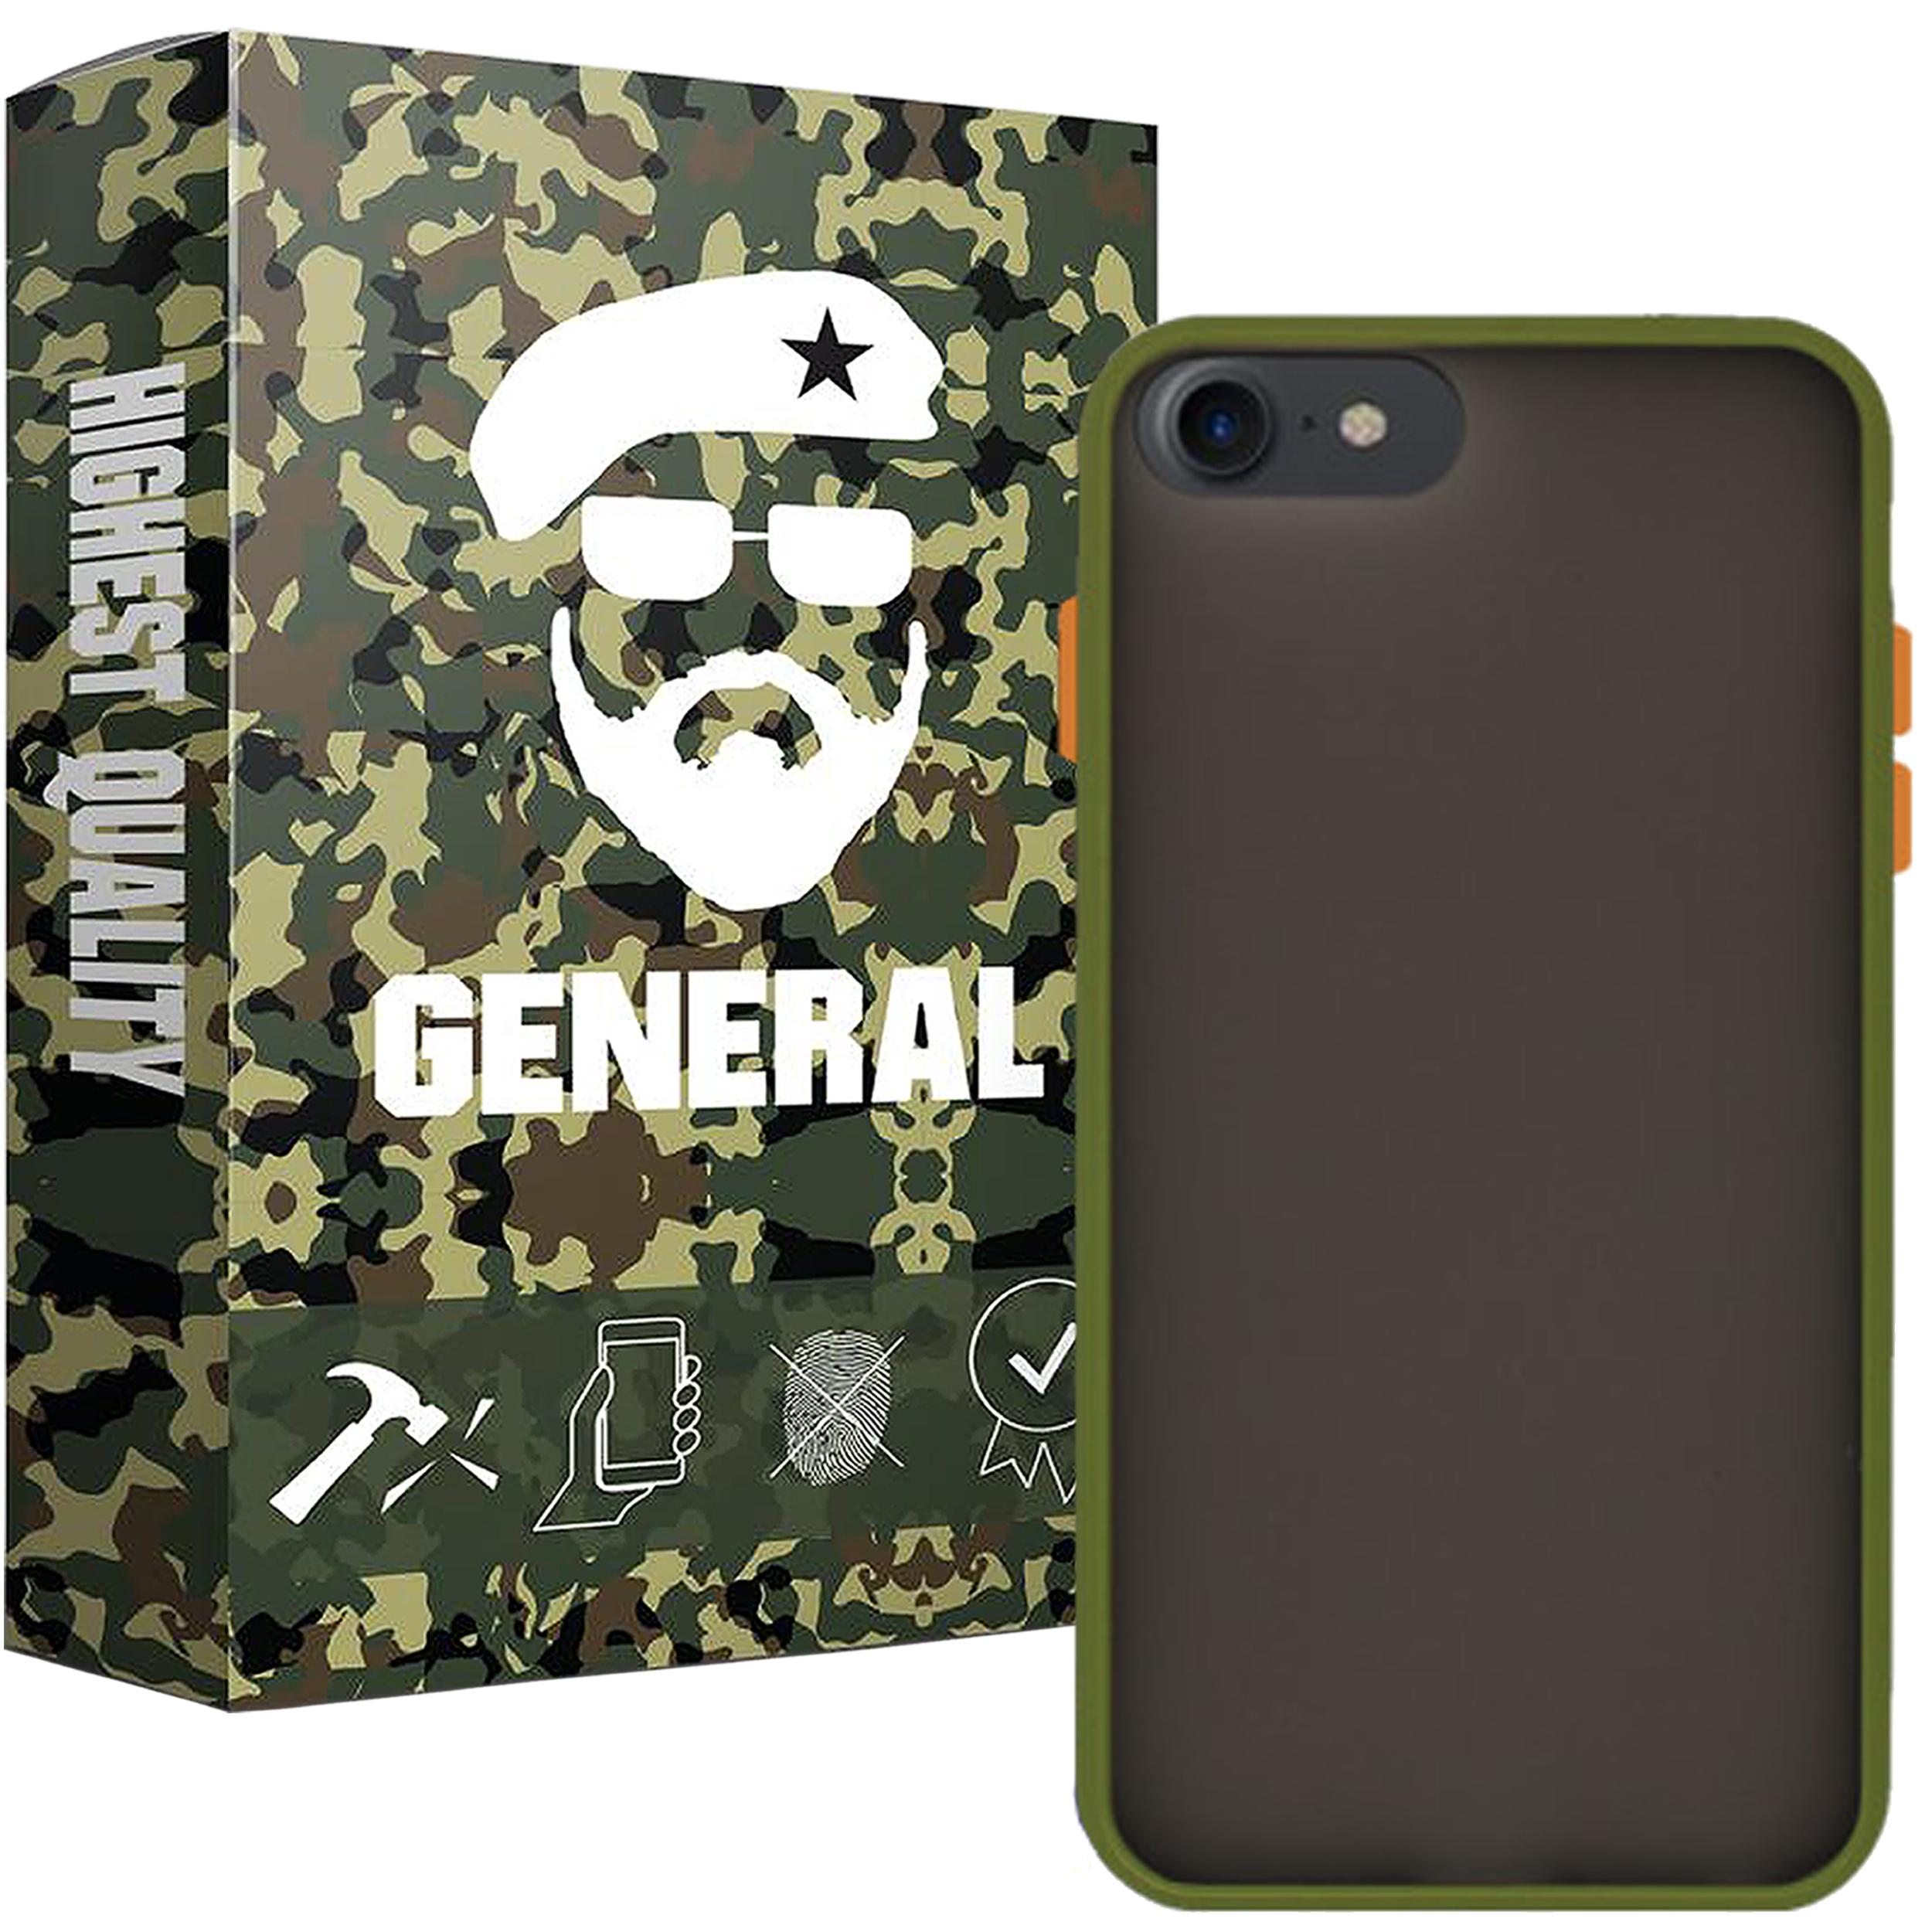 کاور ژنرال مدل M21 مناسب برای گوشی موبایل اپل iPhone 7/8